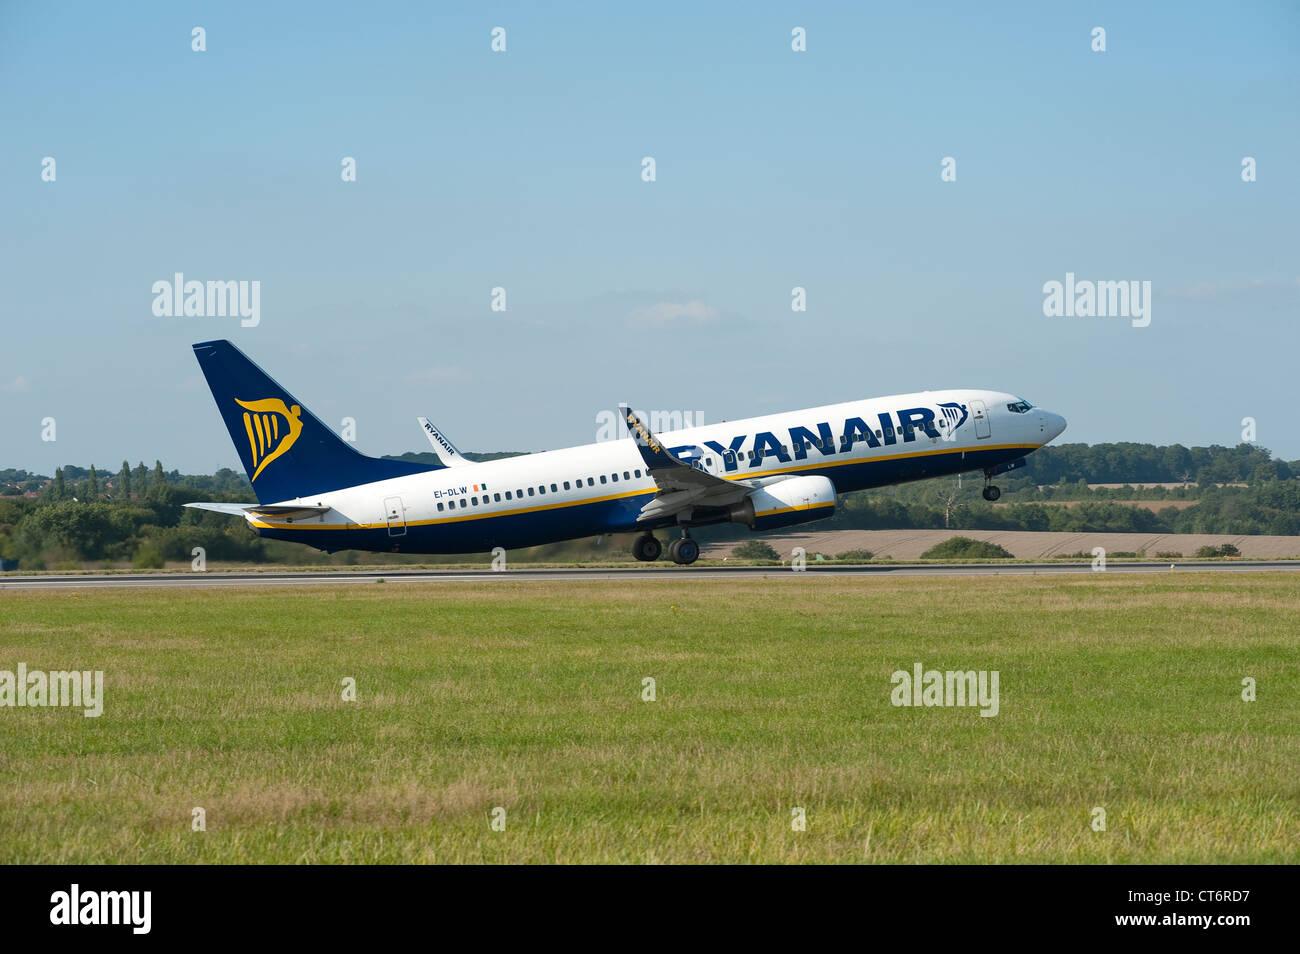 Ryanair Boeing 737-8AS aeroplane taking off at Luton Airport, England. - Stock Image